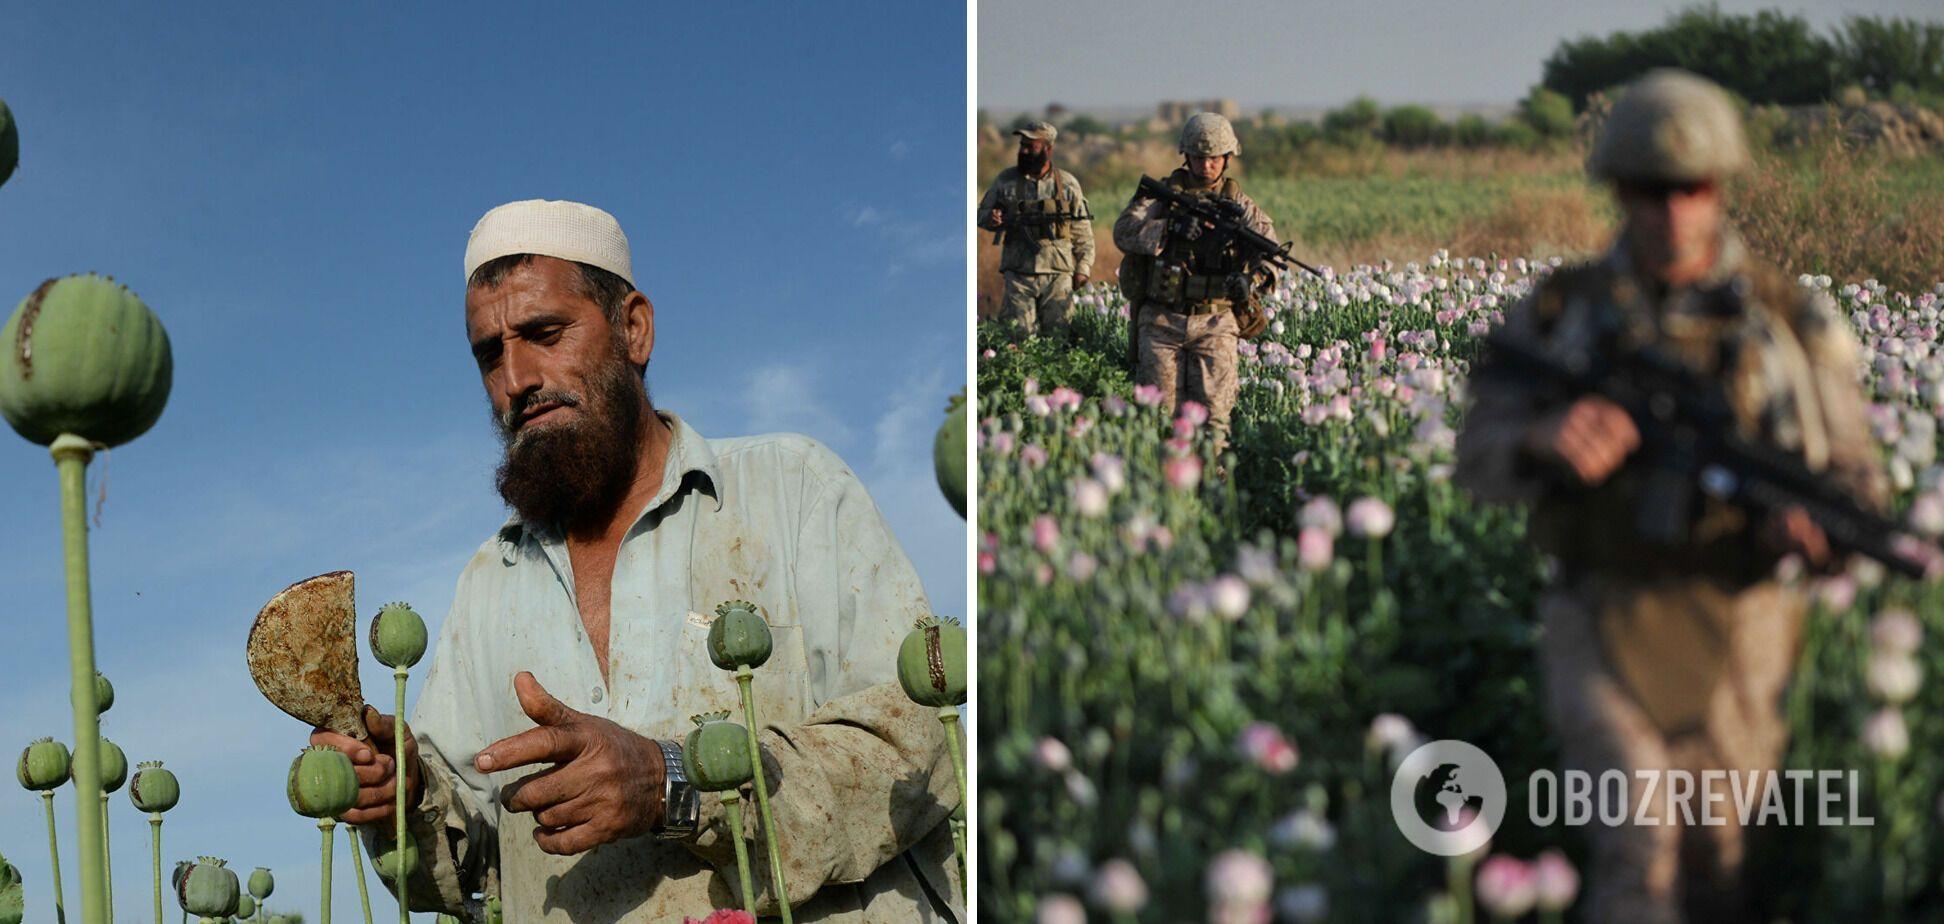 Основой экономики Афганистана сегодня остается опий